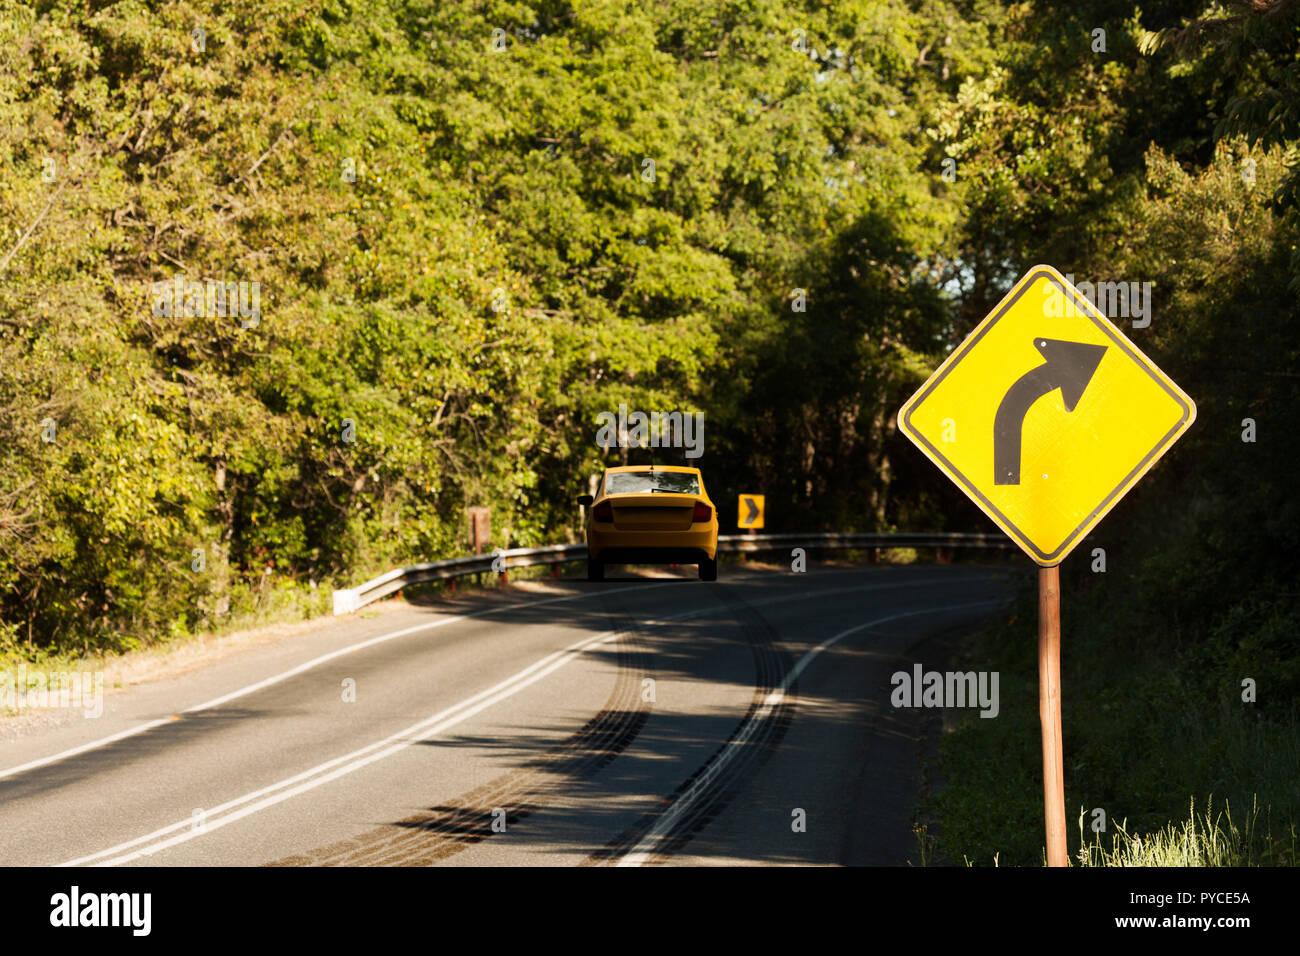 Le rendu 3D d'un accident de voiture dans une route courbée avec marques de dérapage Photo Stock